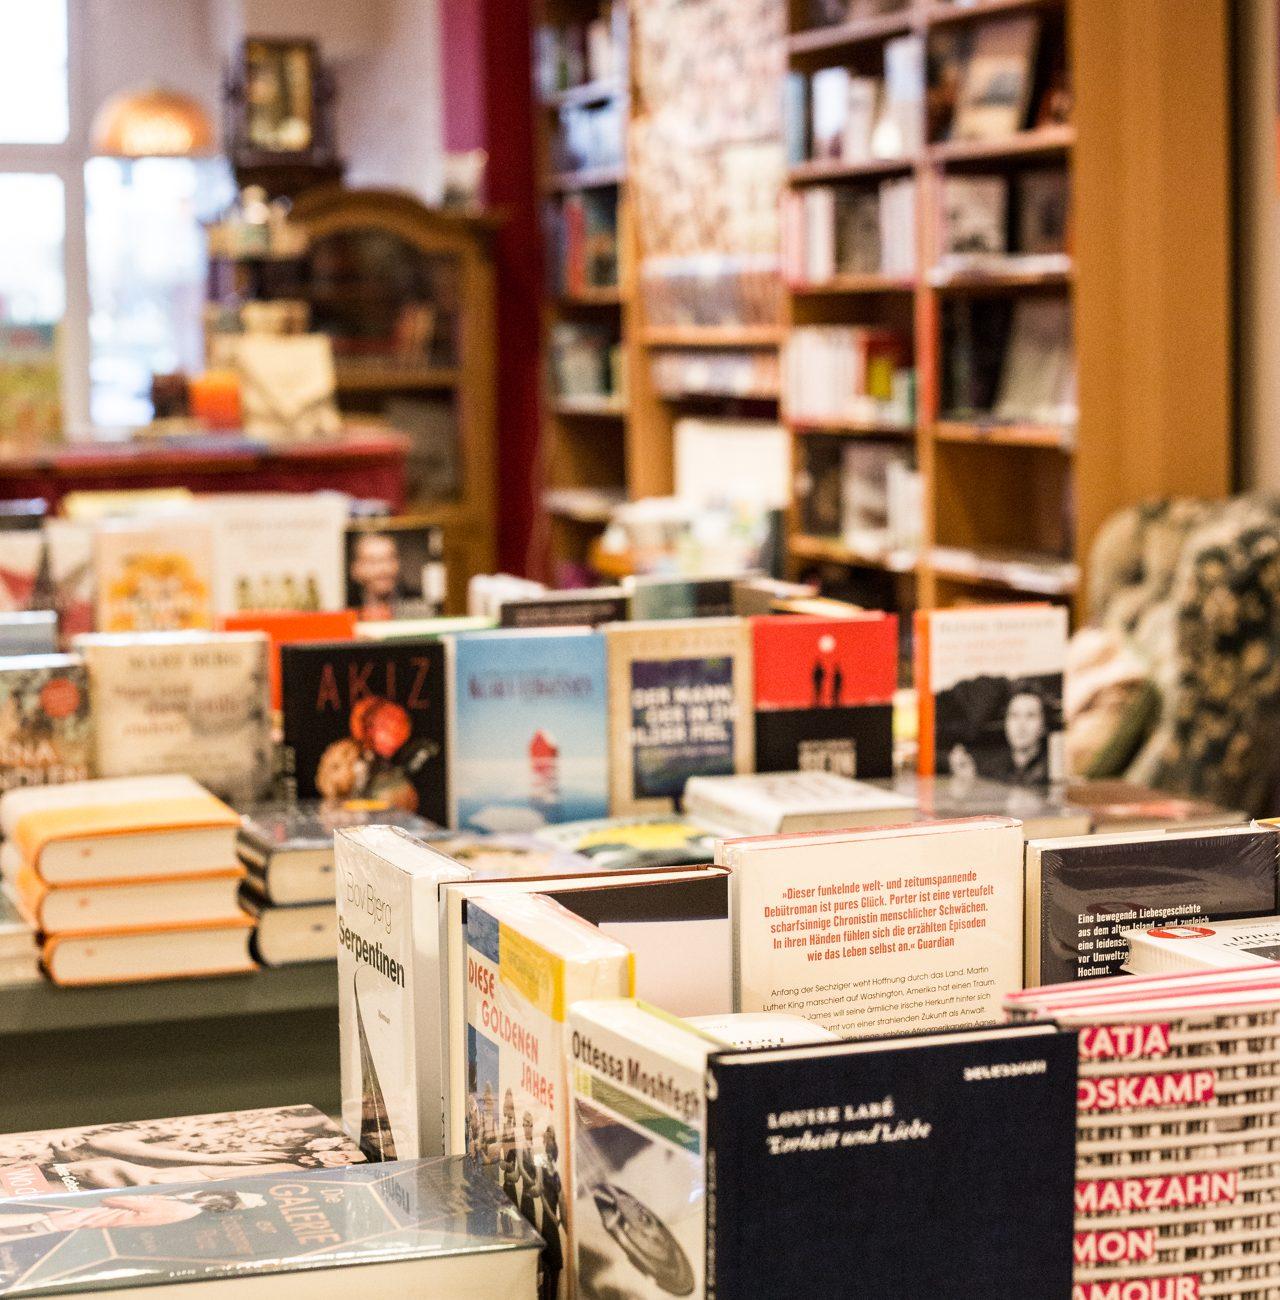 Parkbuchhandlung | Bücher | Neuerscheinungen| Hardcover | Raum